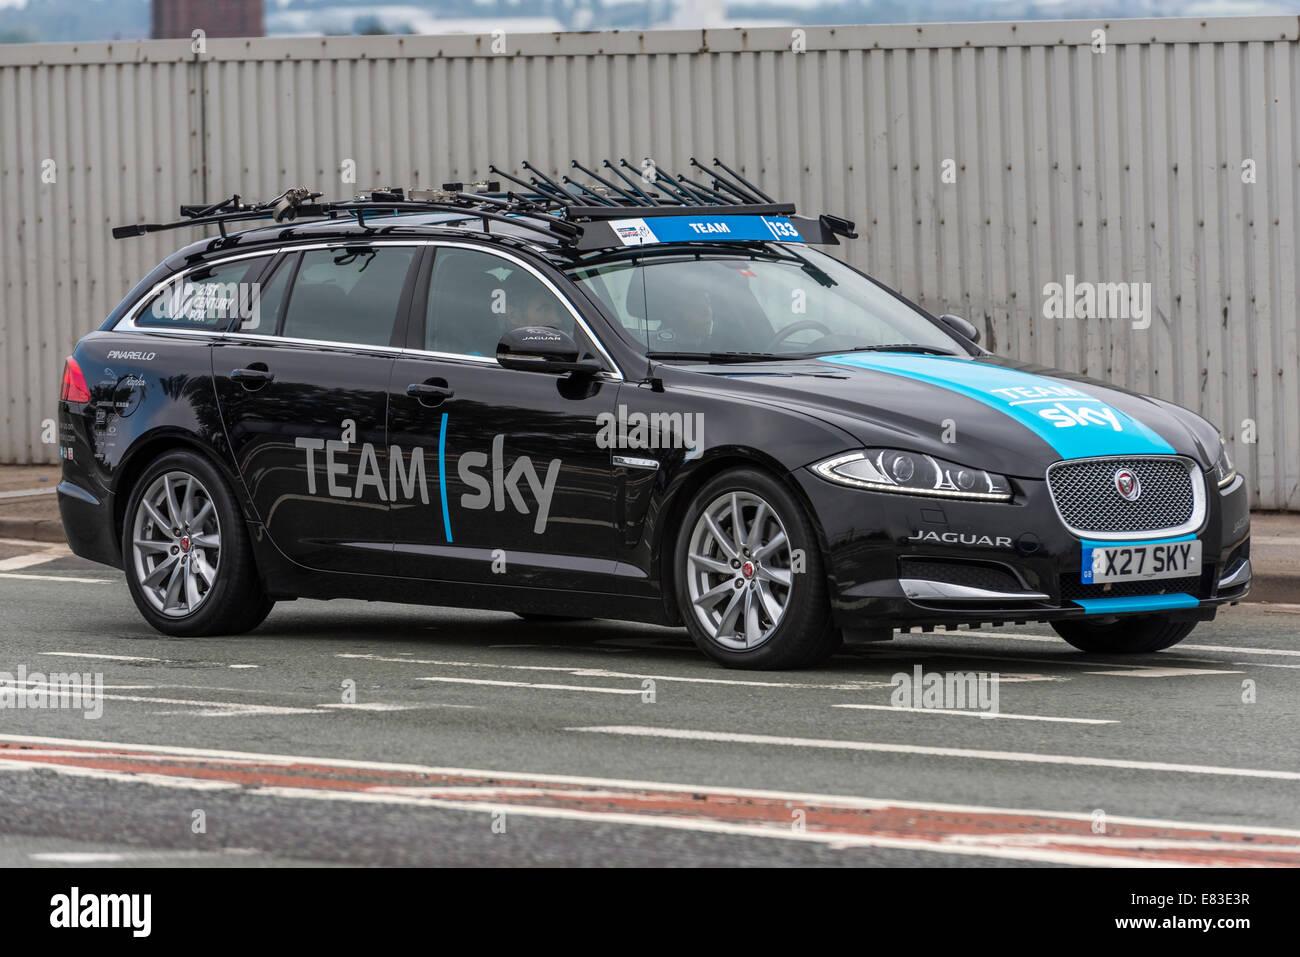 Le Tour de Grande-Bretagne 2014 cycle tour support Team Sky voiture. Jaguar. Photo Stock